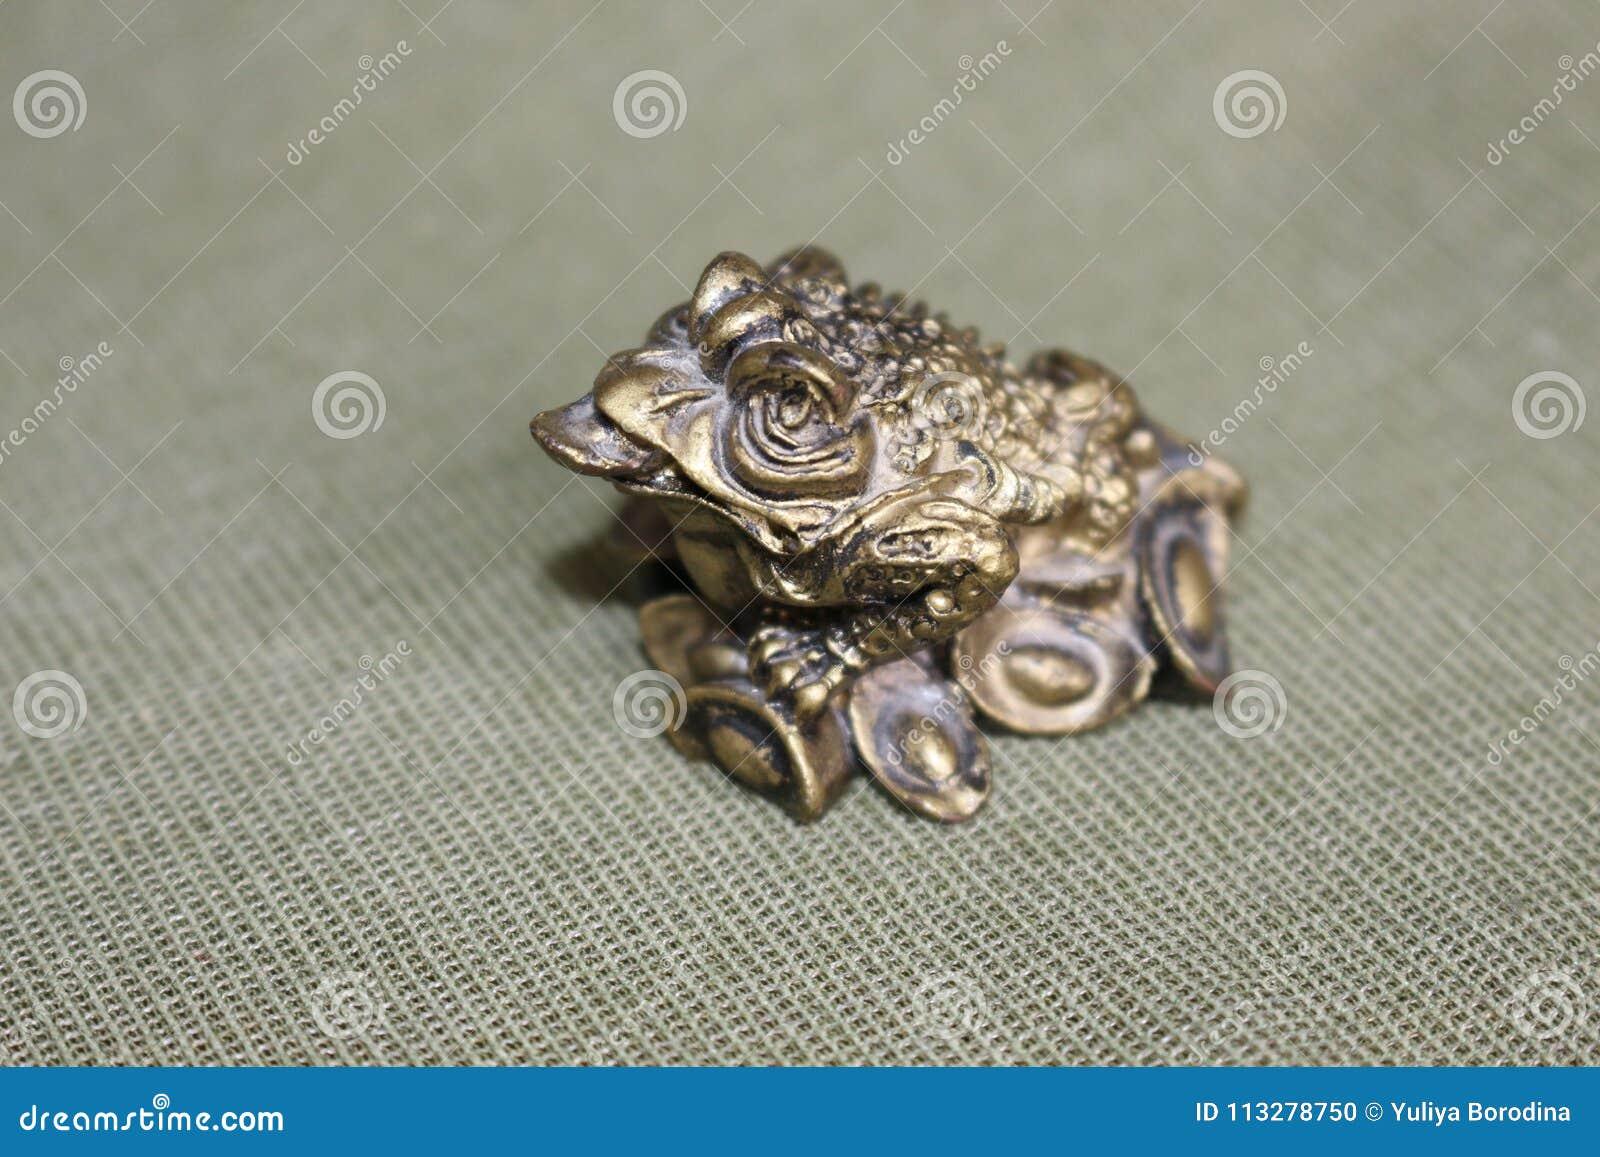 青蛙标志,带来金钱,繁荣